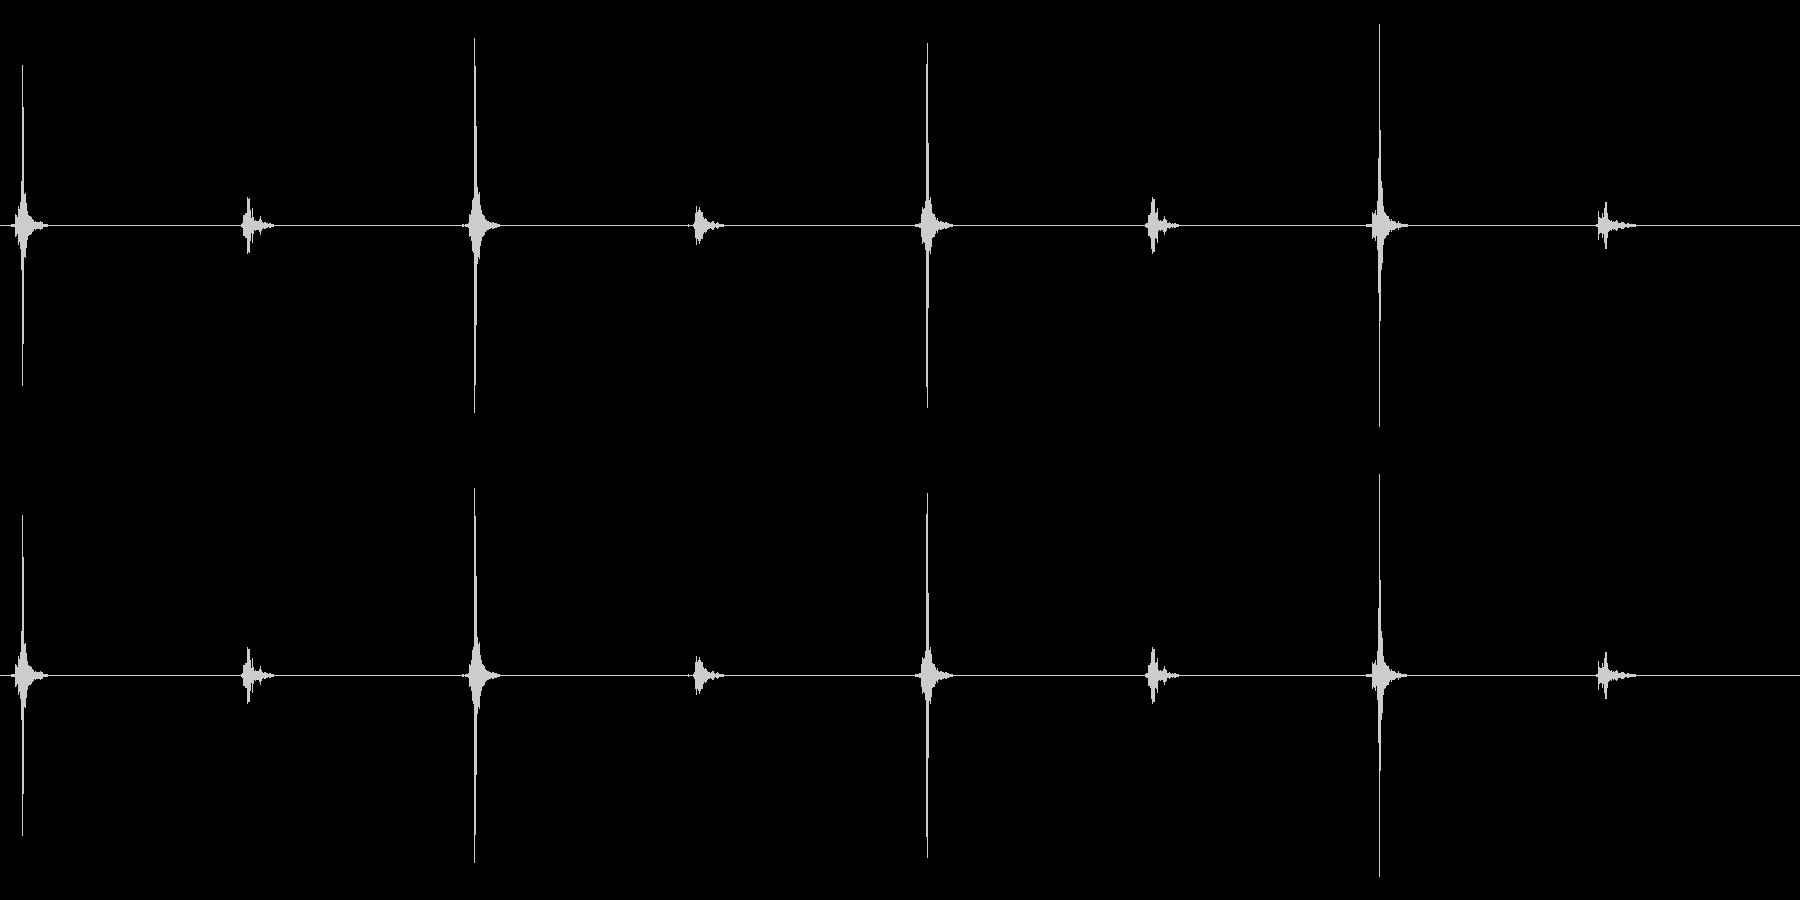 時計 秒針02-1(ループ 1)の未再生の波形